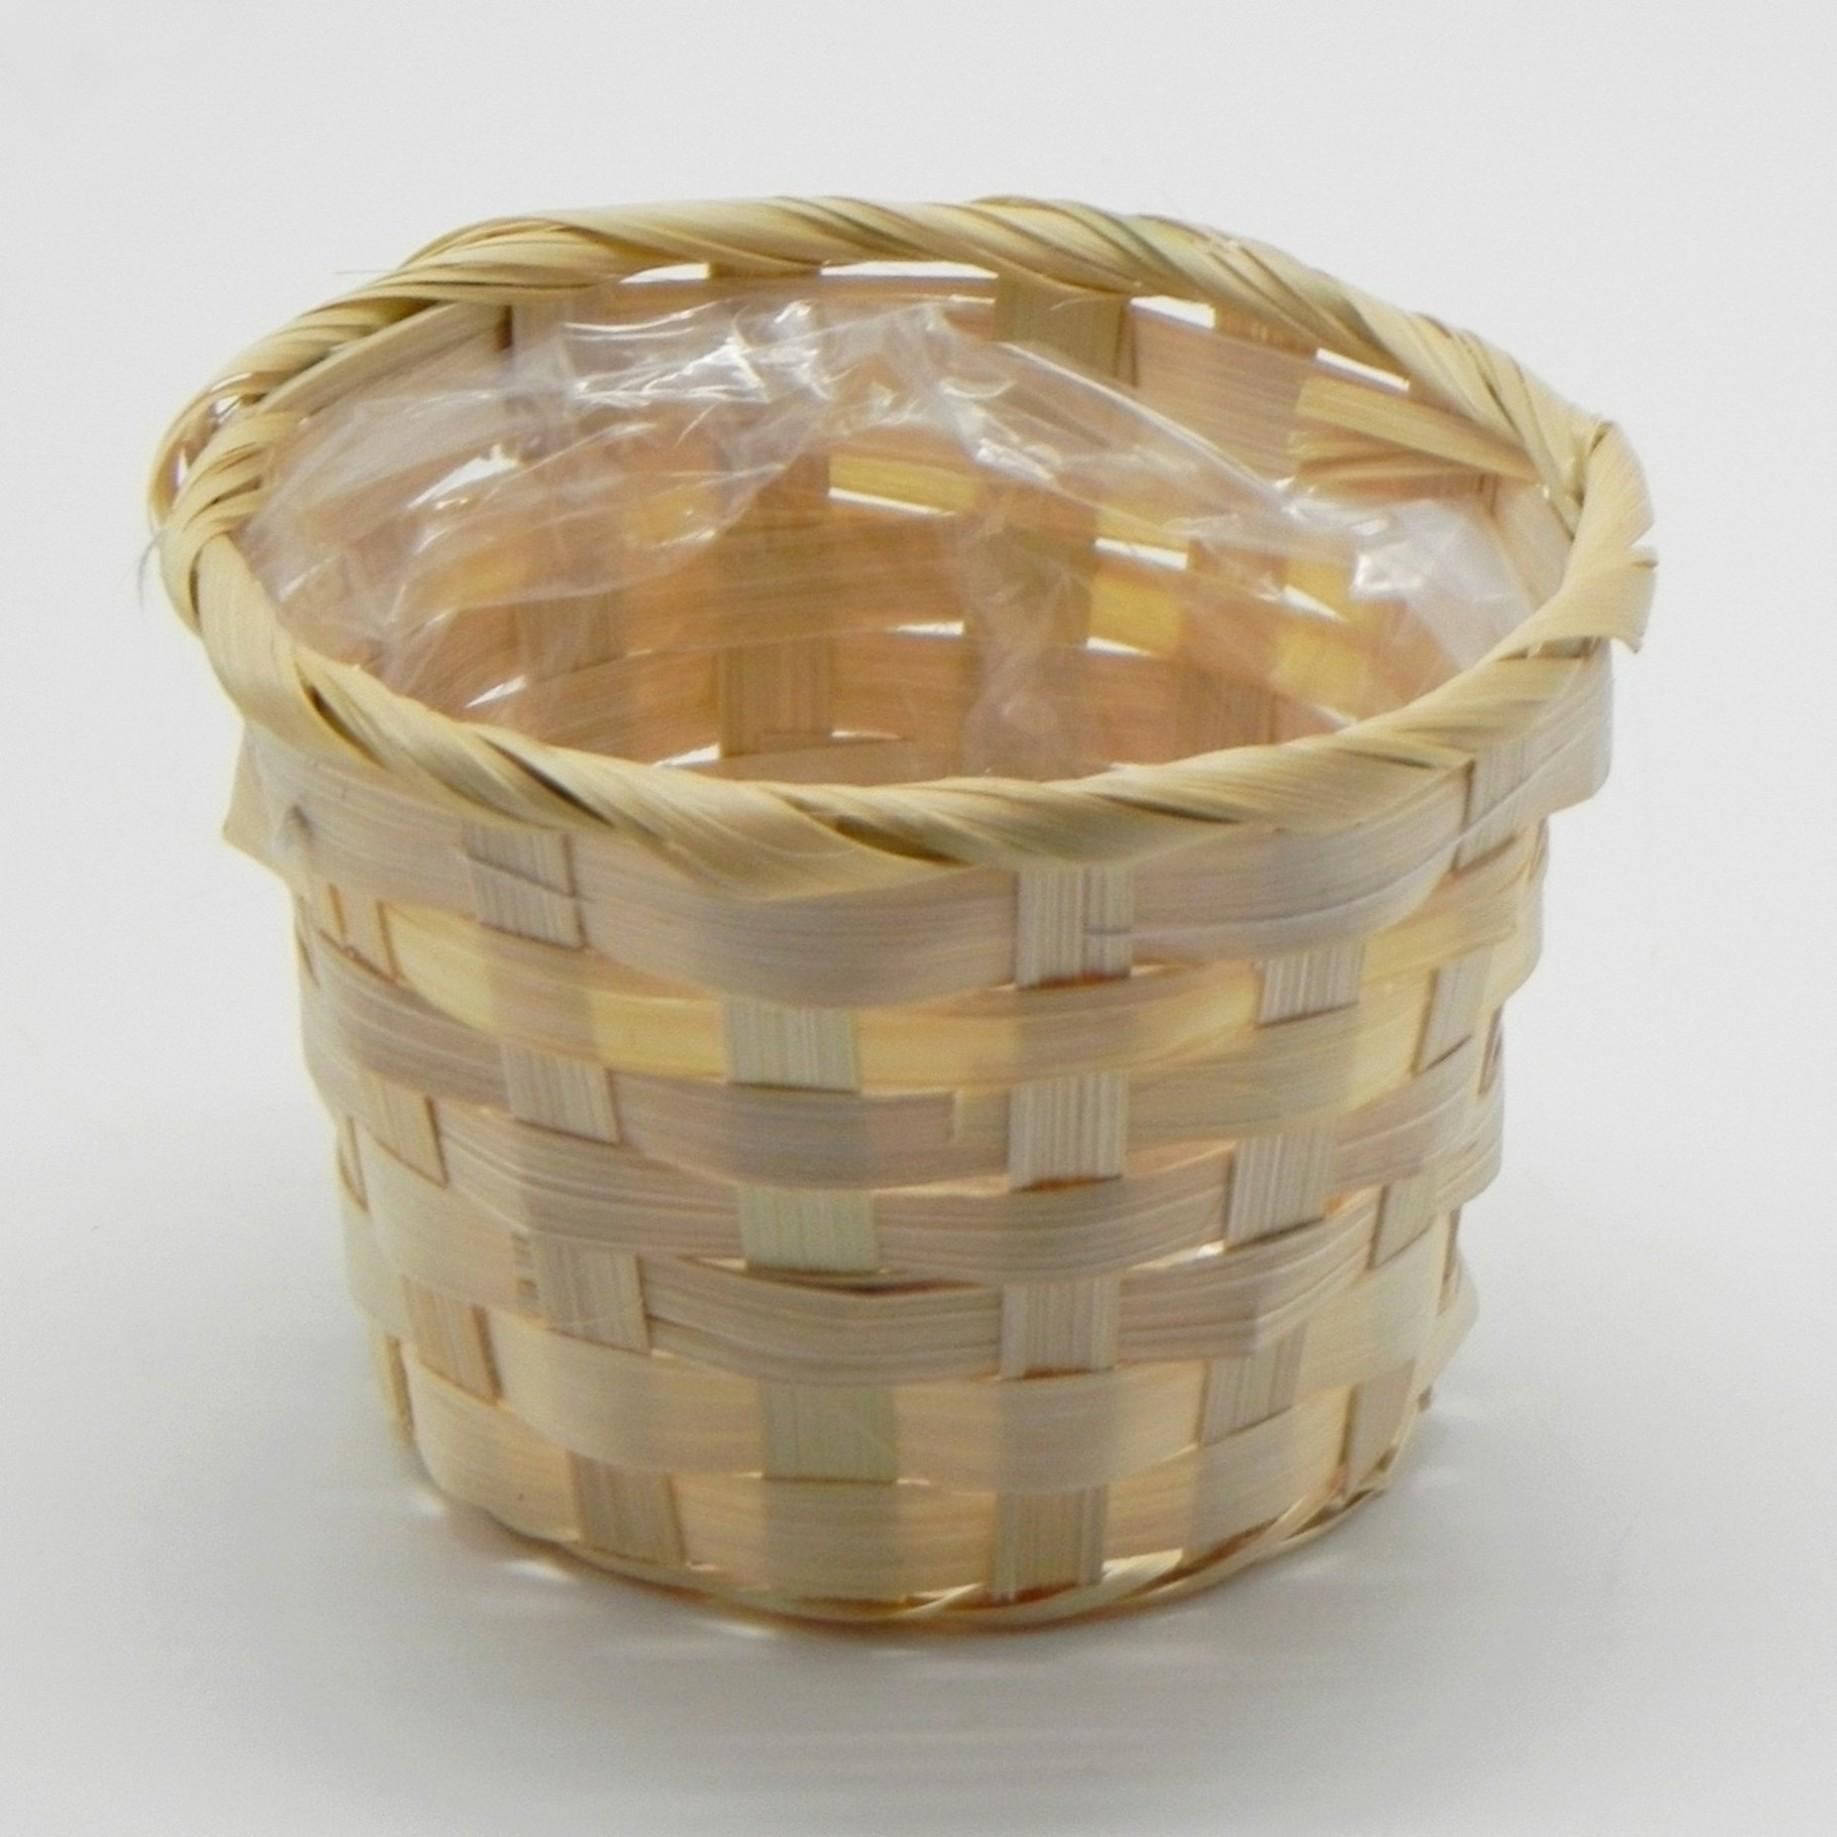 KA Koš bambus natural Barva: tmavá, Provedení: Menší